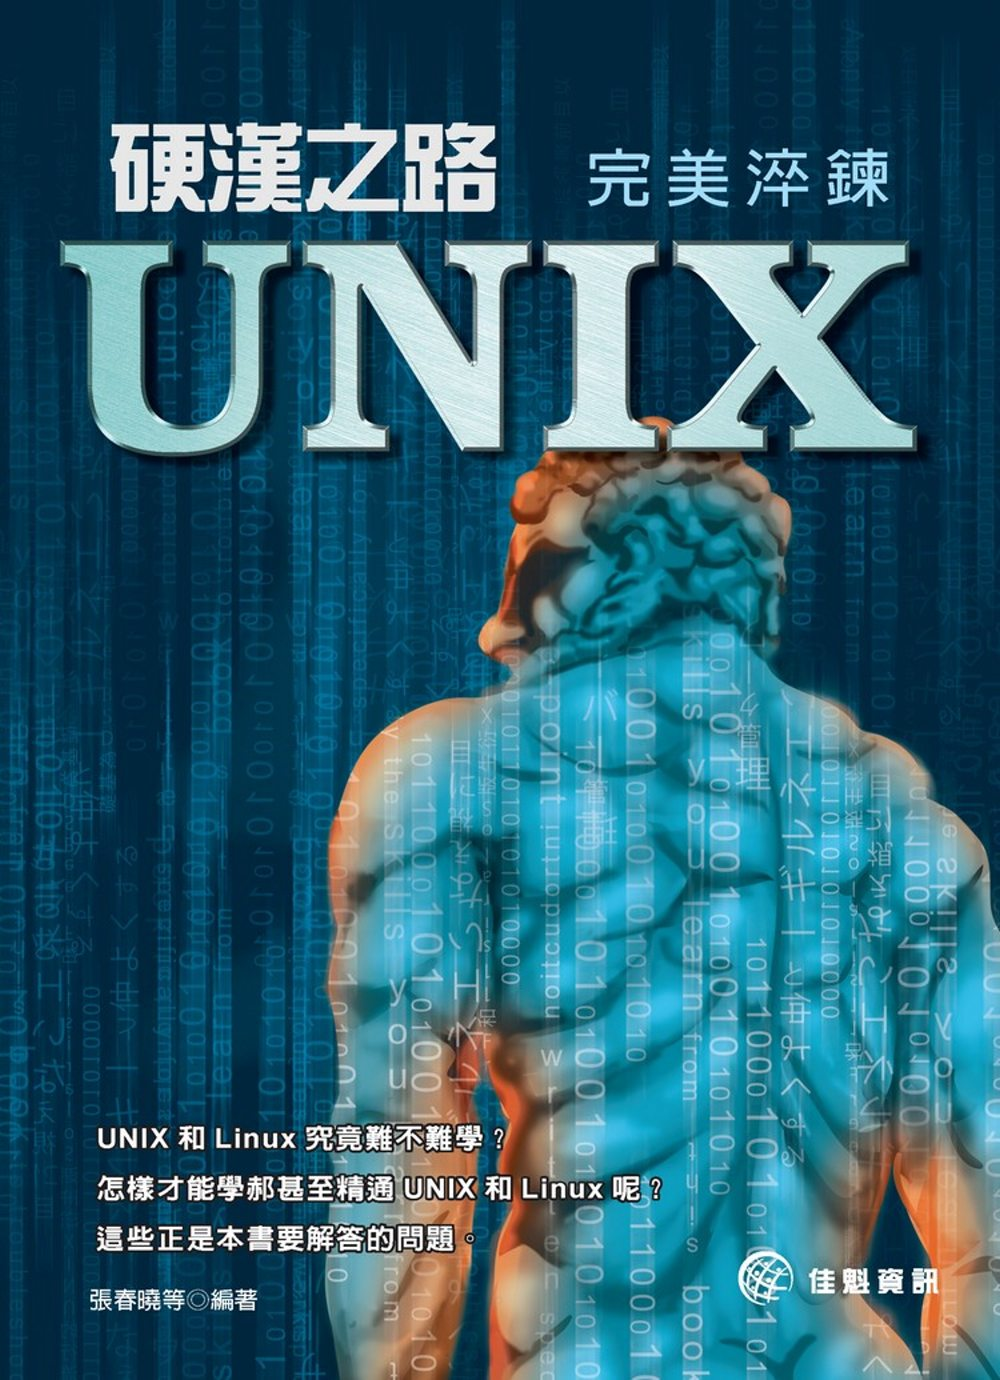 硬漢之路:UNIX 完美淬鍊